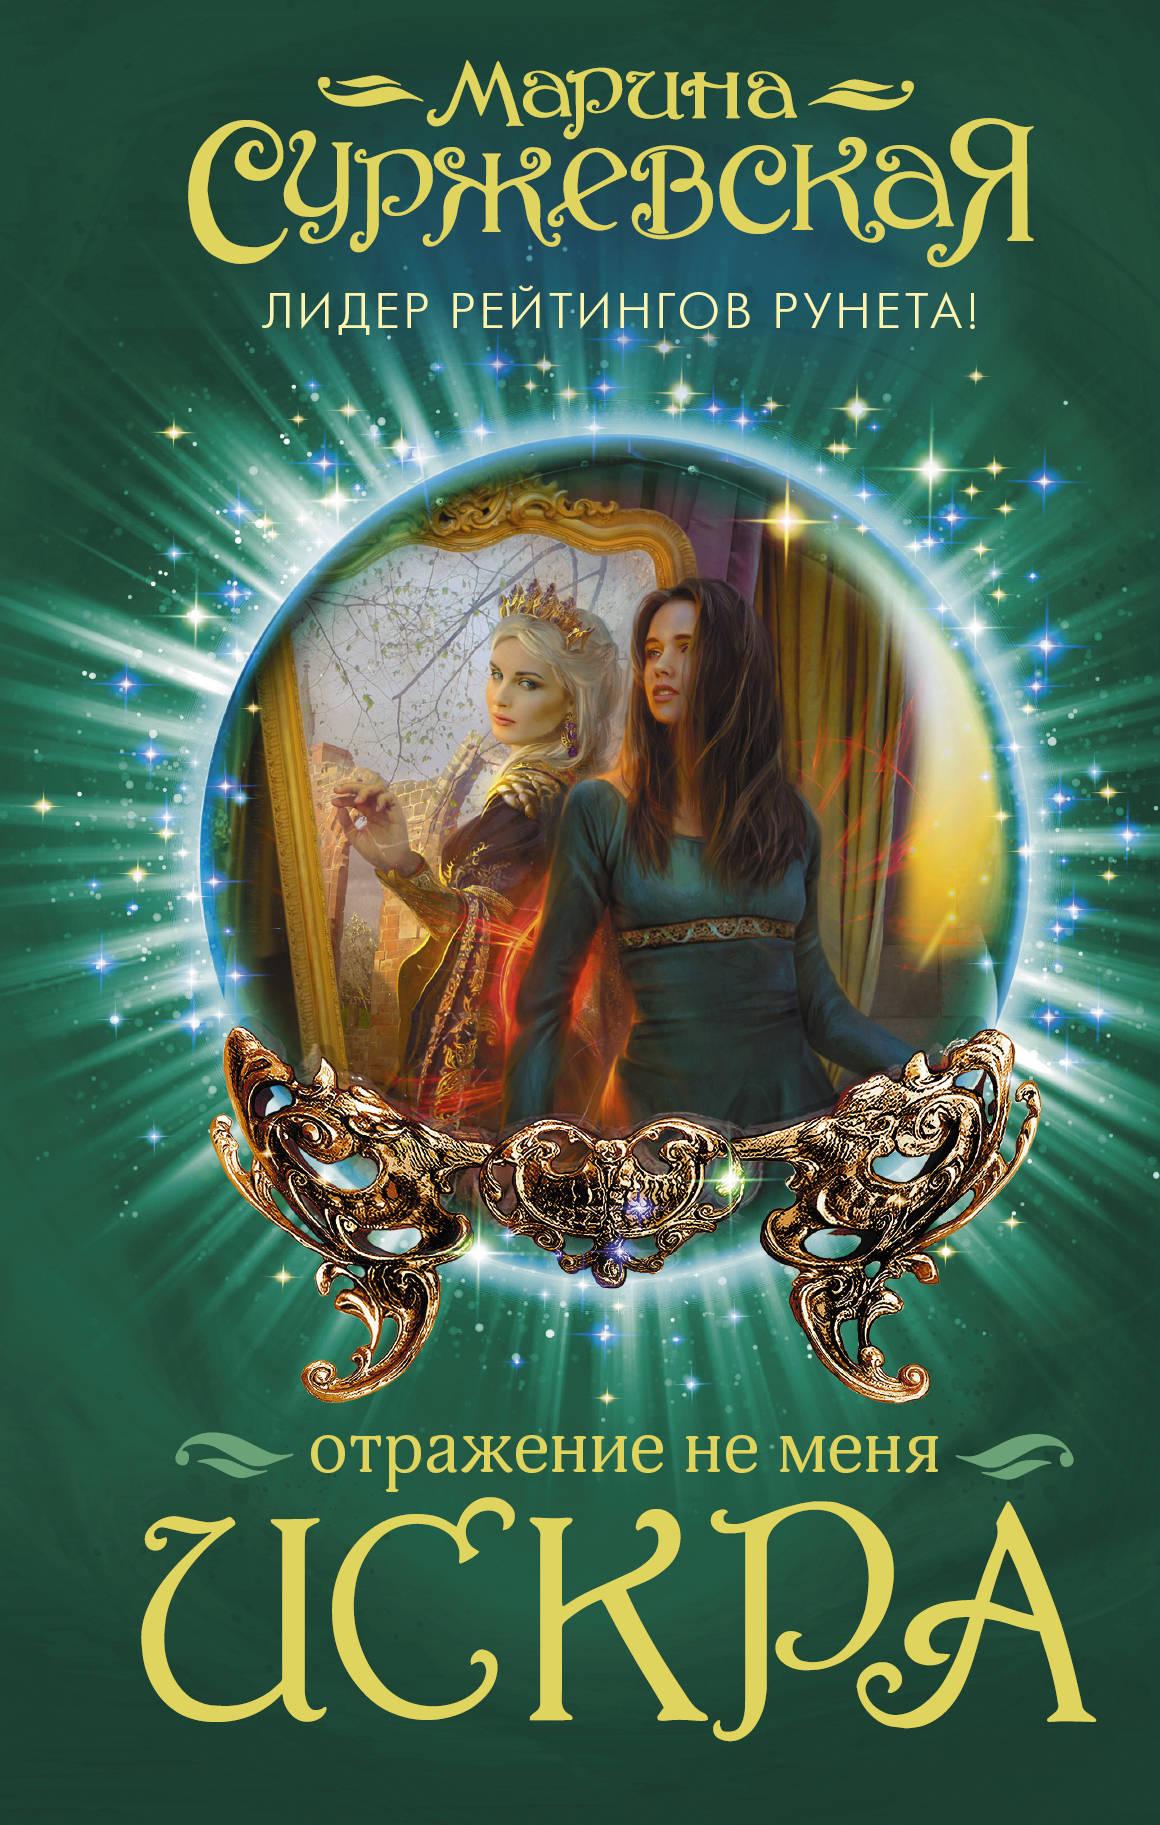 СУРЖЕВСКАЯ МАРИНА ВСЕ КНИГИ СКАЧАТЬ БЕСПЛАТНО